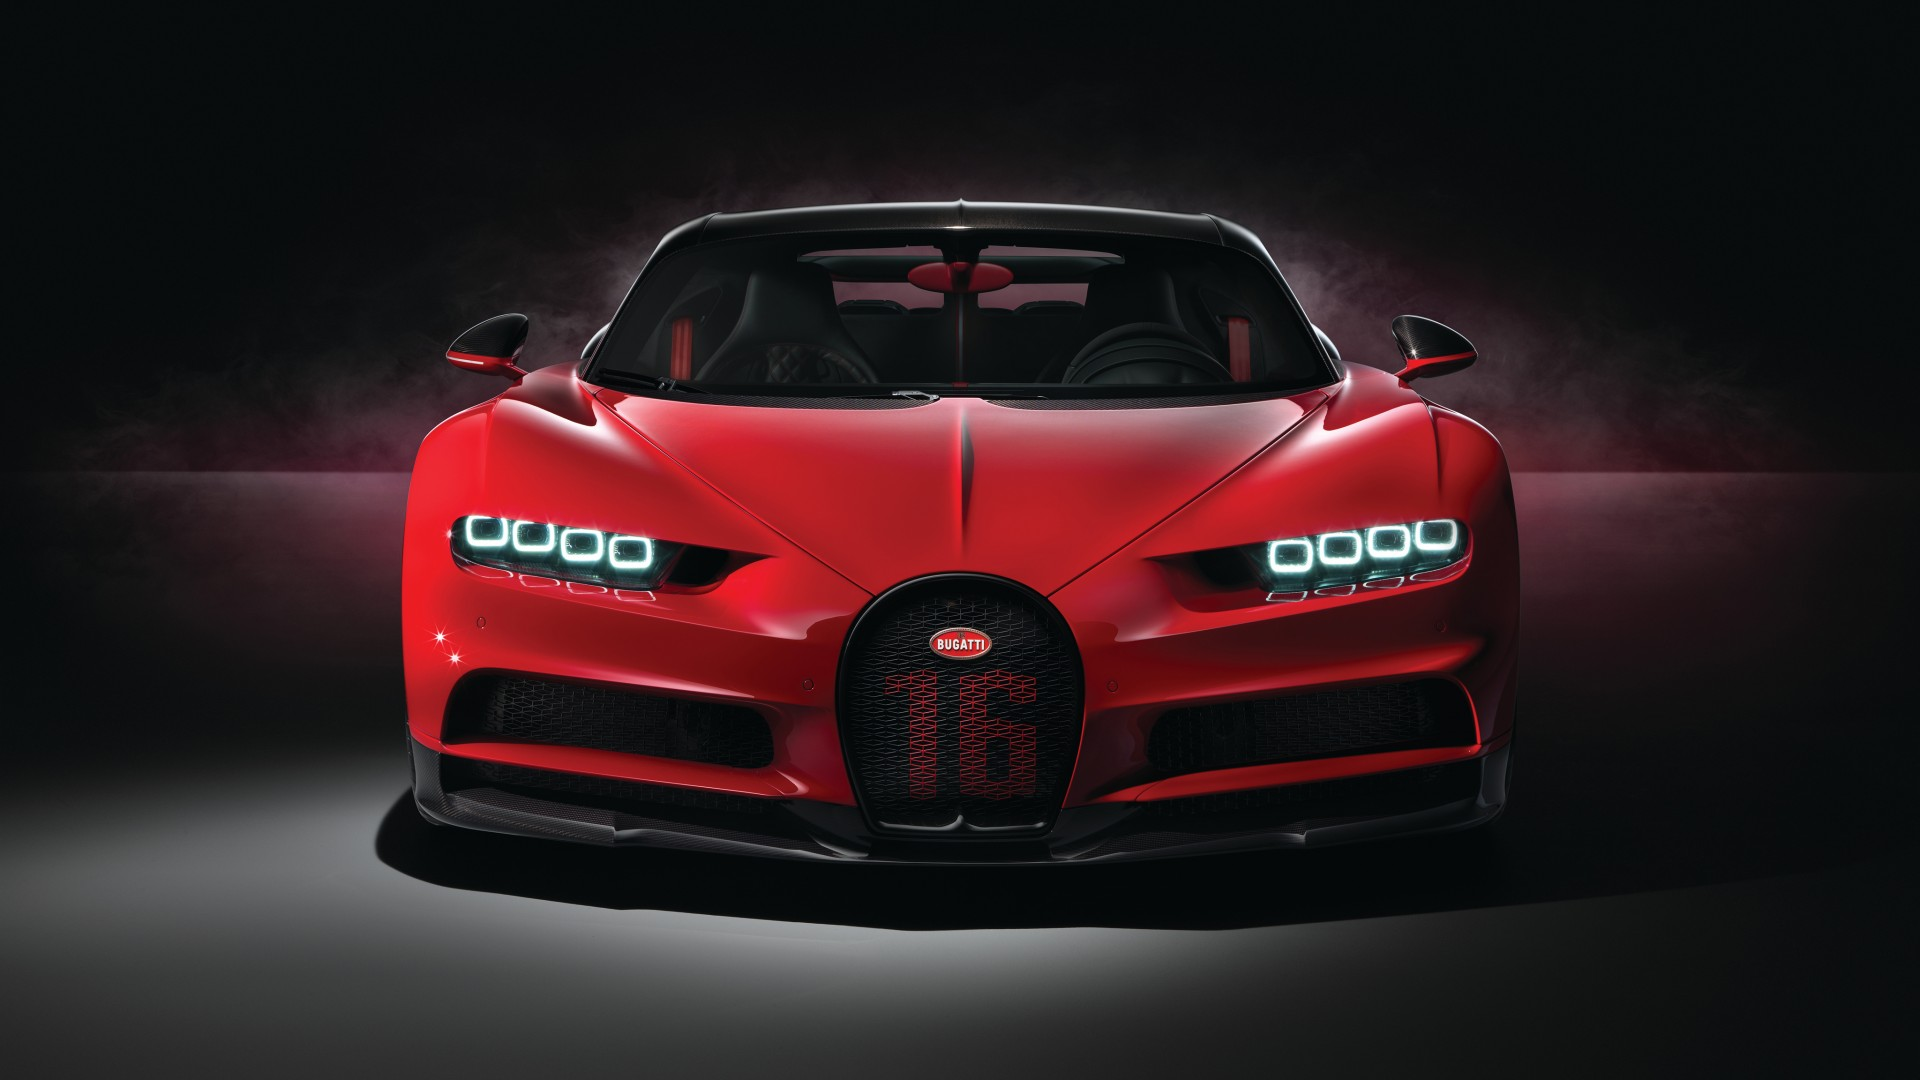 Hd Nissan Wallpaper 2018 Bugatti Chiron Sport 4k 4 Wallpaper Hd Car